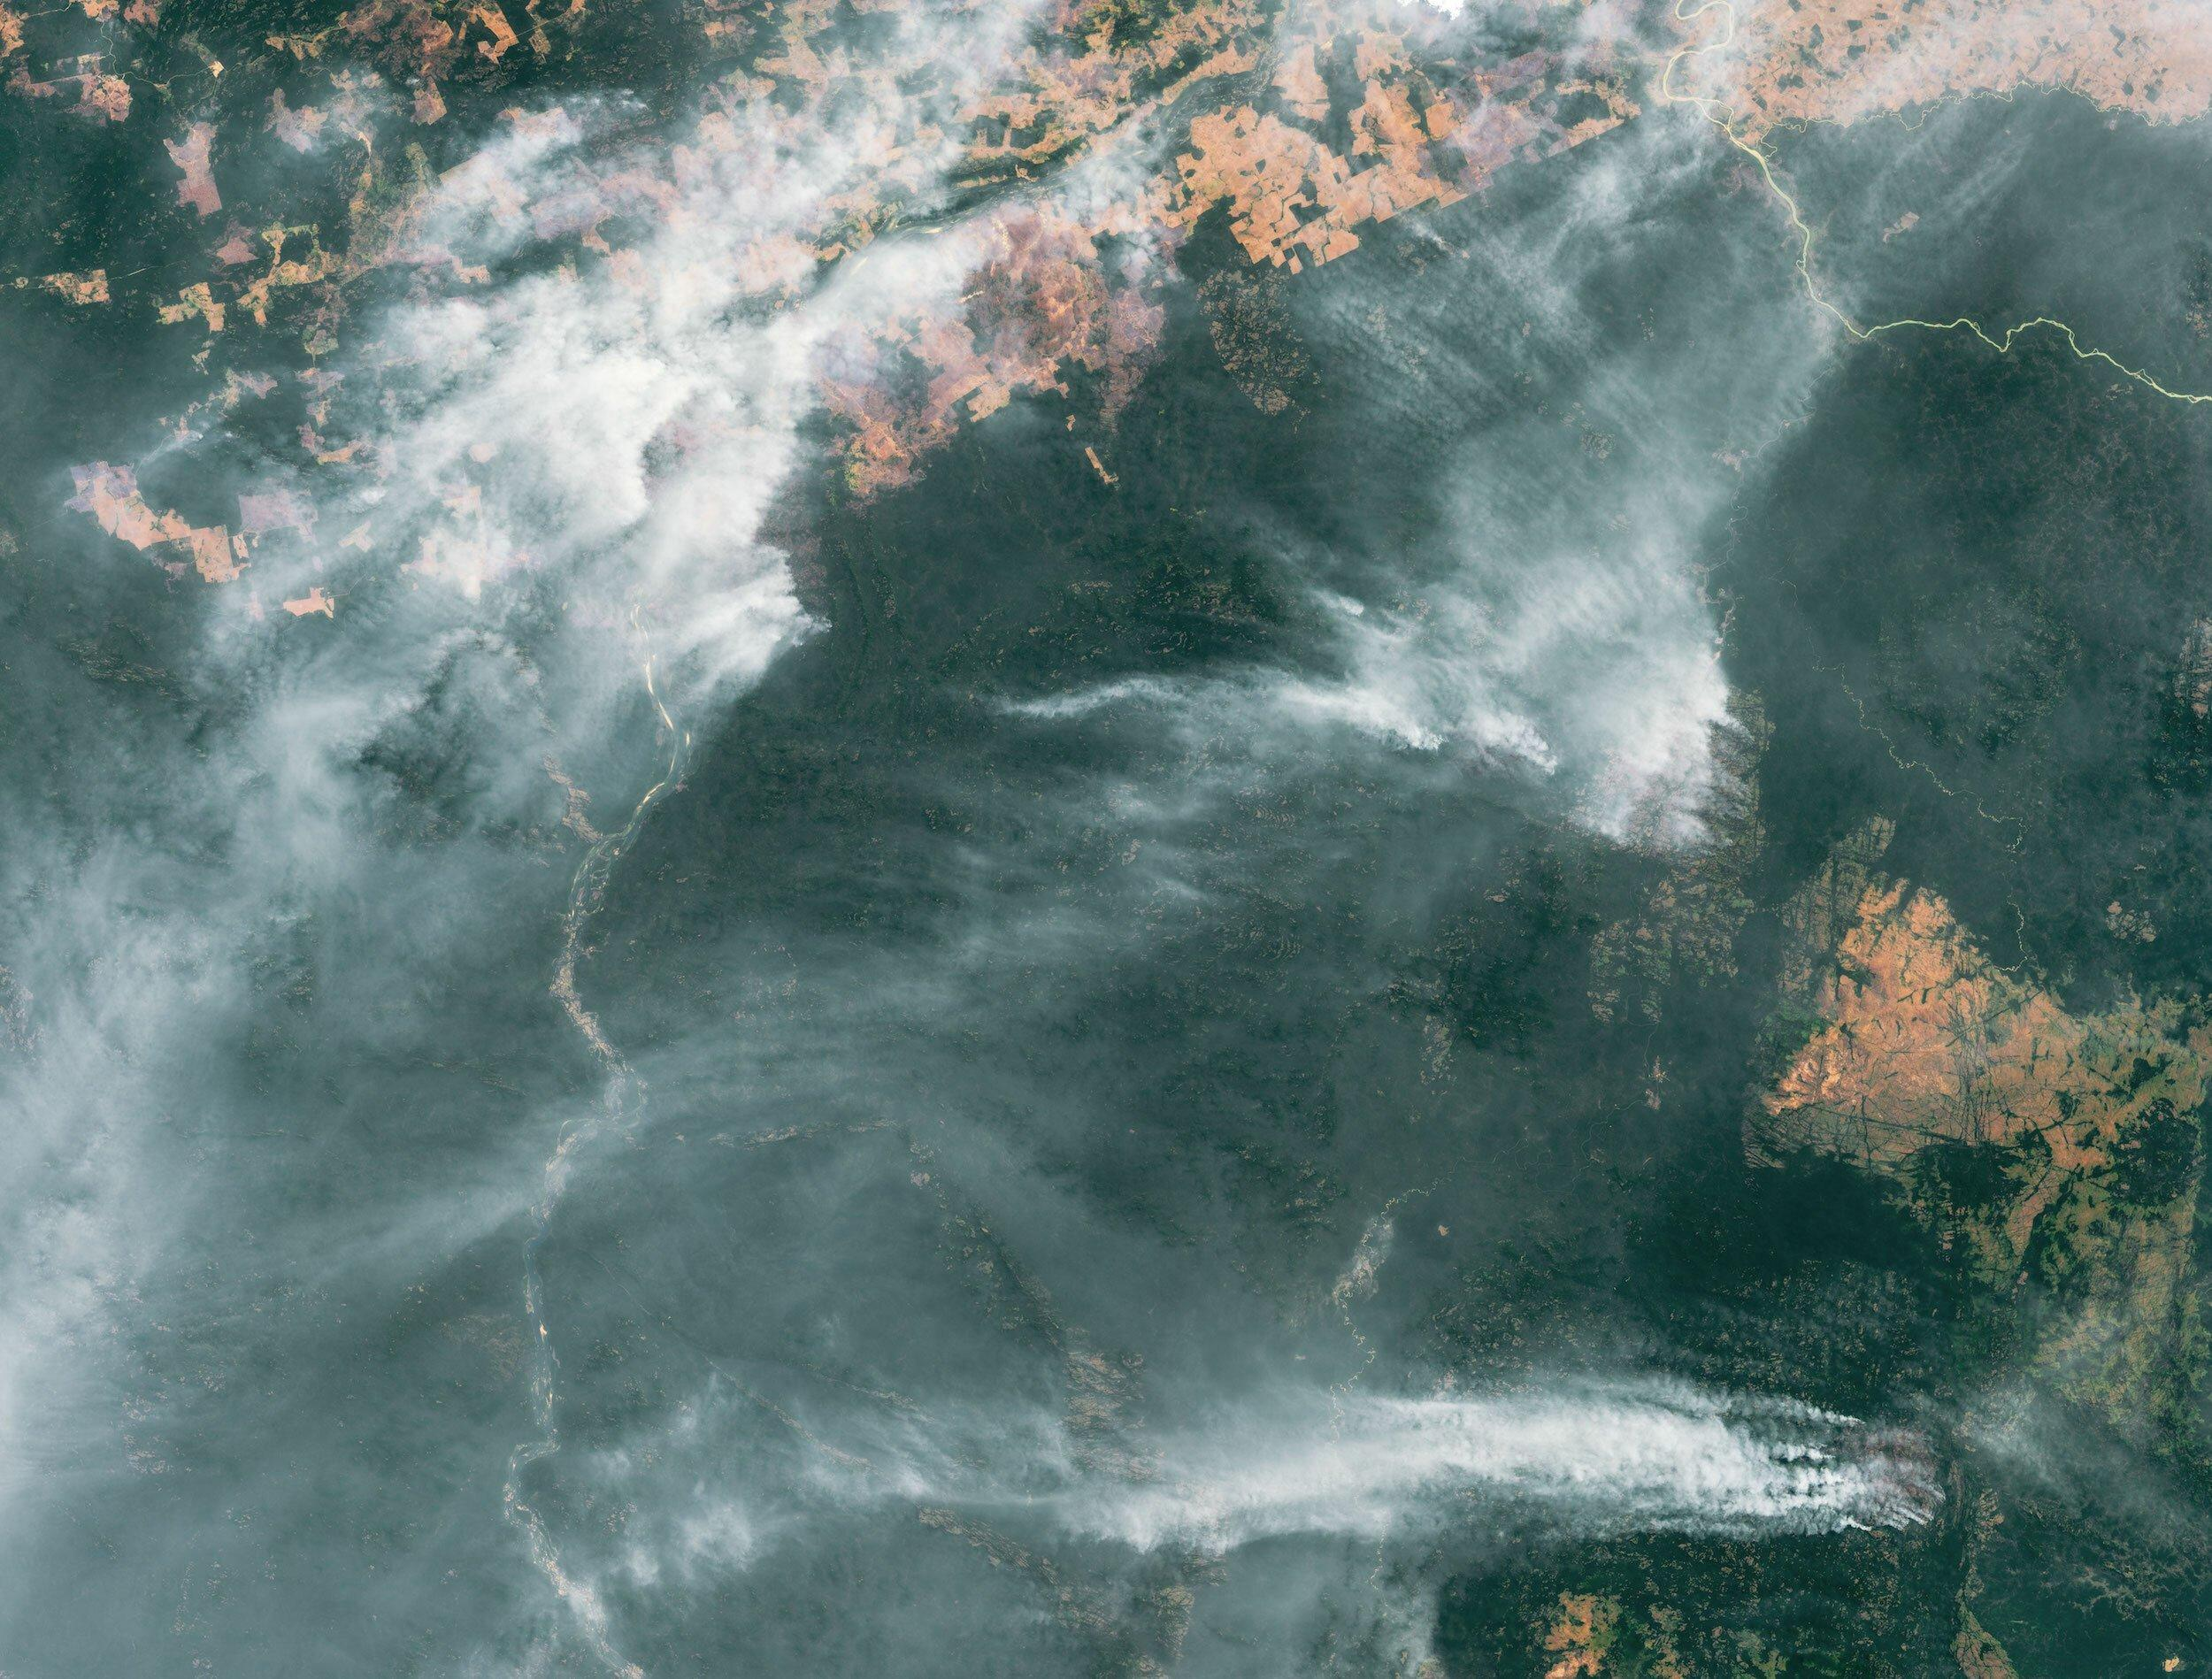 Satellitenbild zeigt Amazonas-Regenwald mit riesigen Rauchschwaden aus Waldbränden.